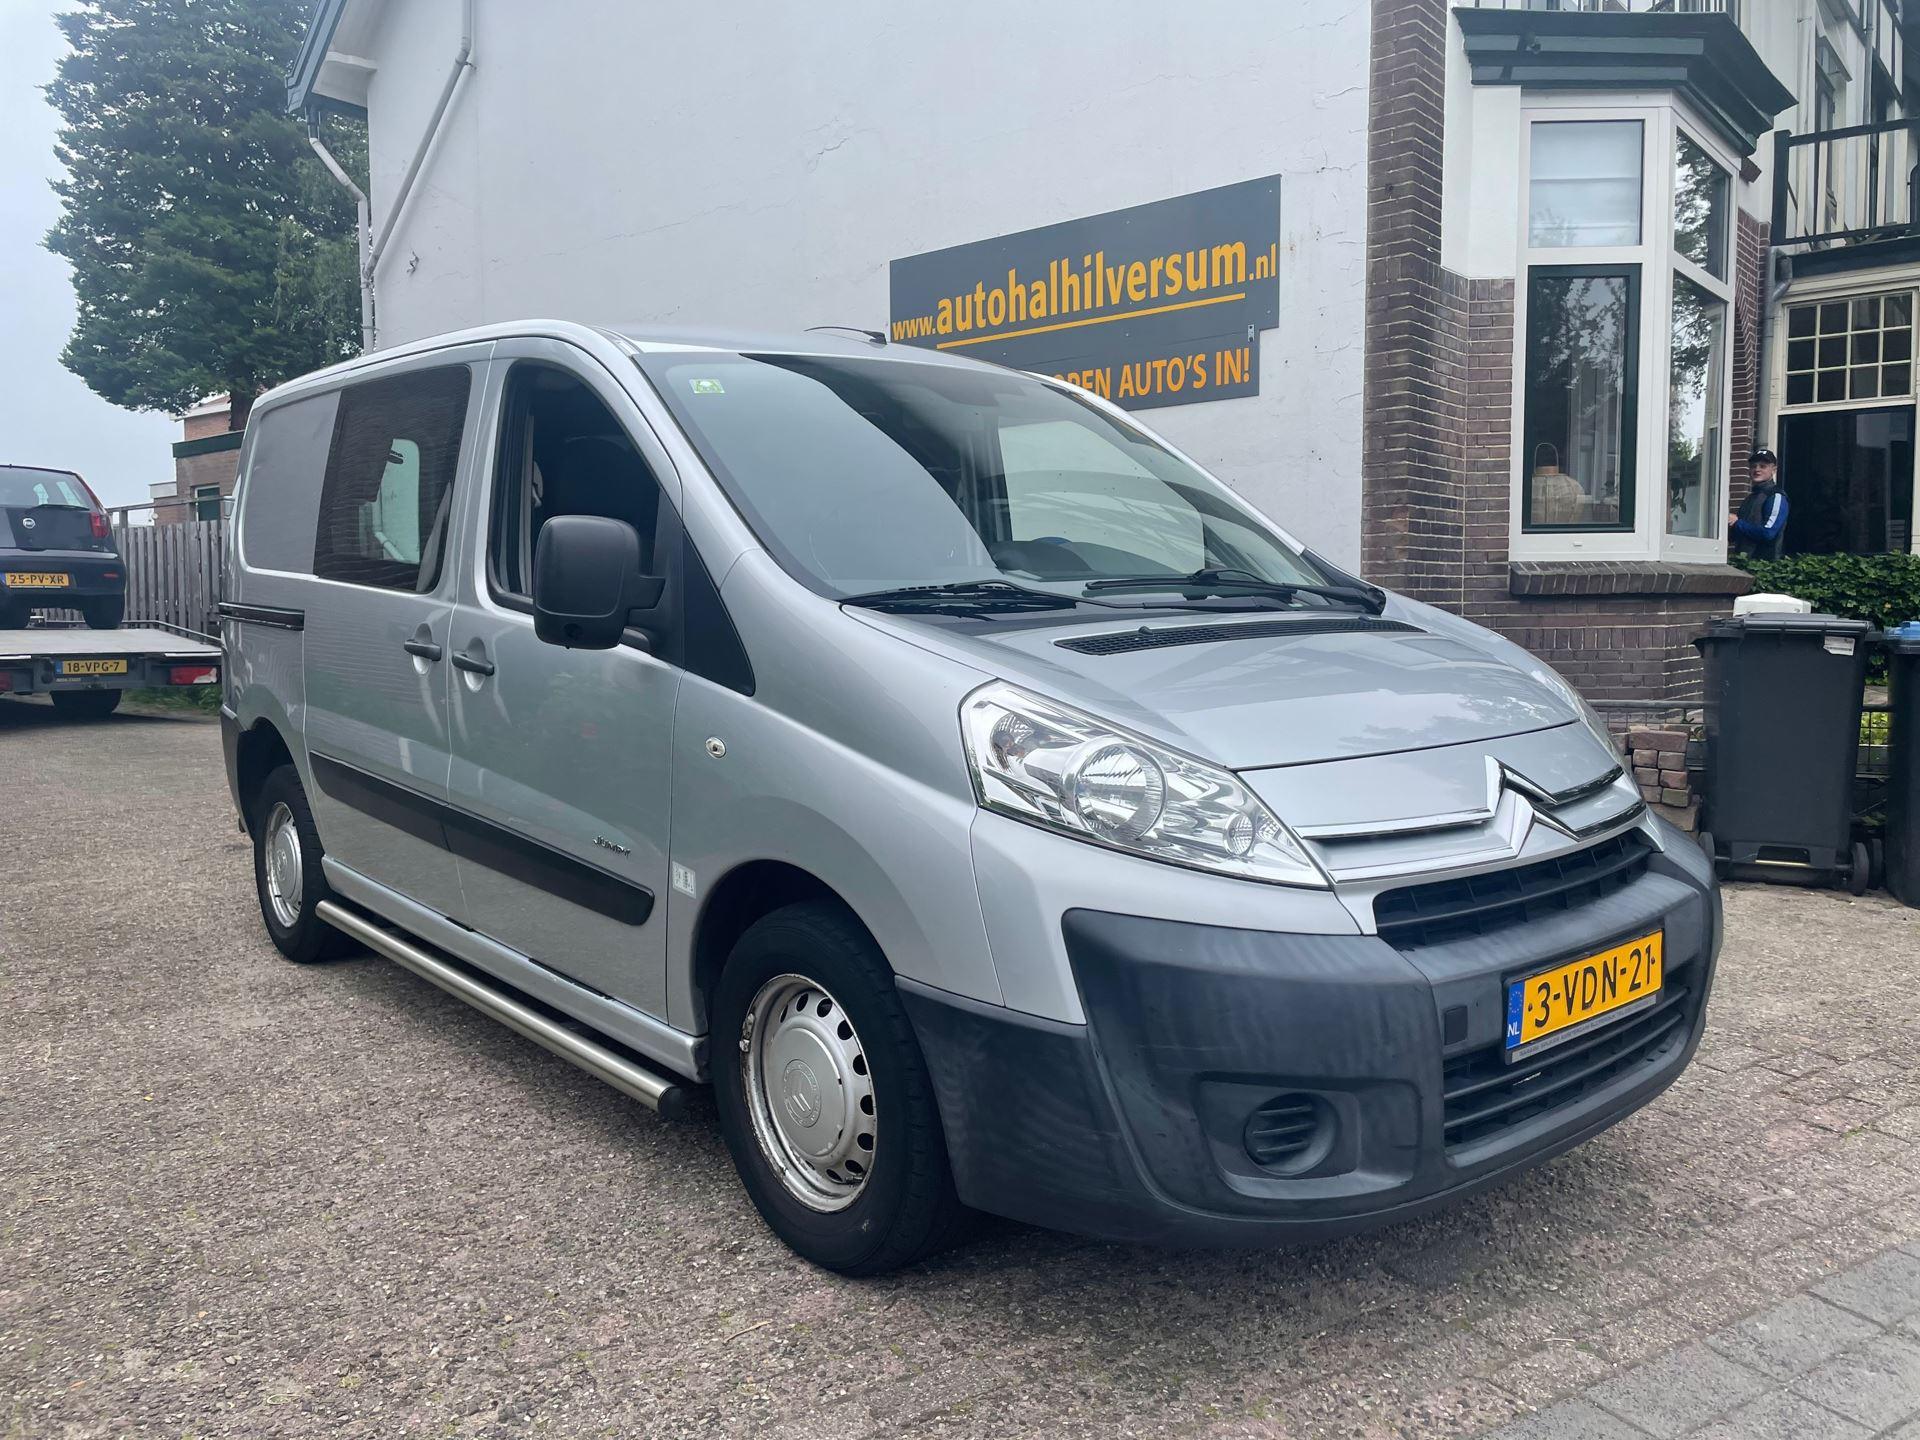 Citroen Jumpy occasion - Autohal Hilversum